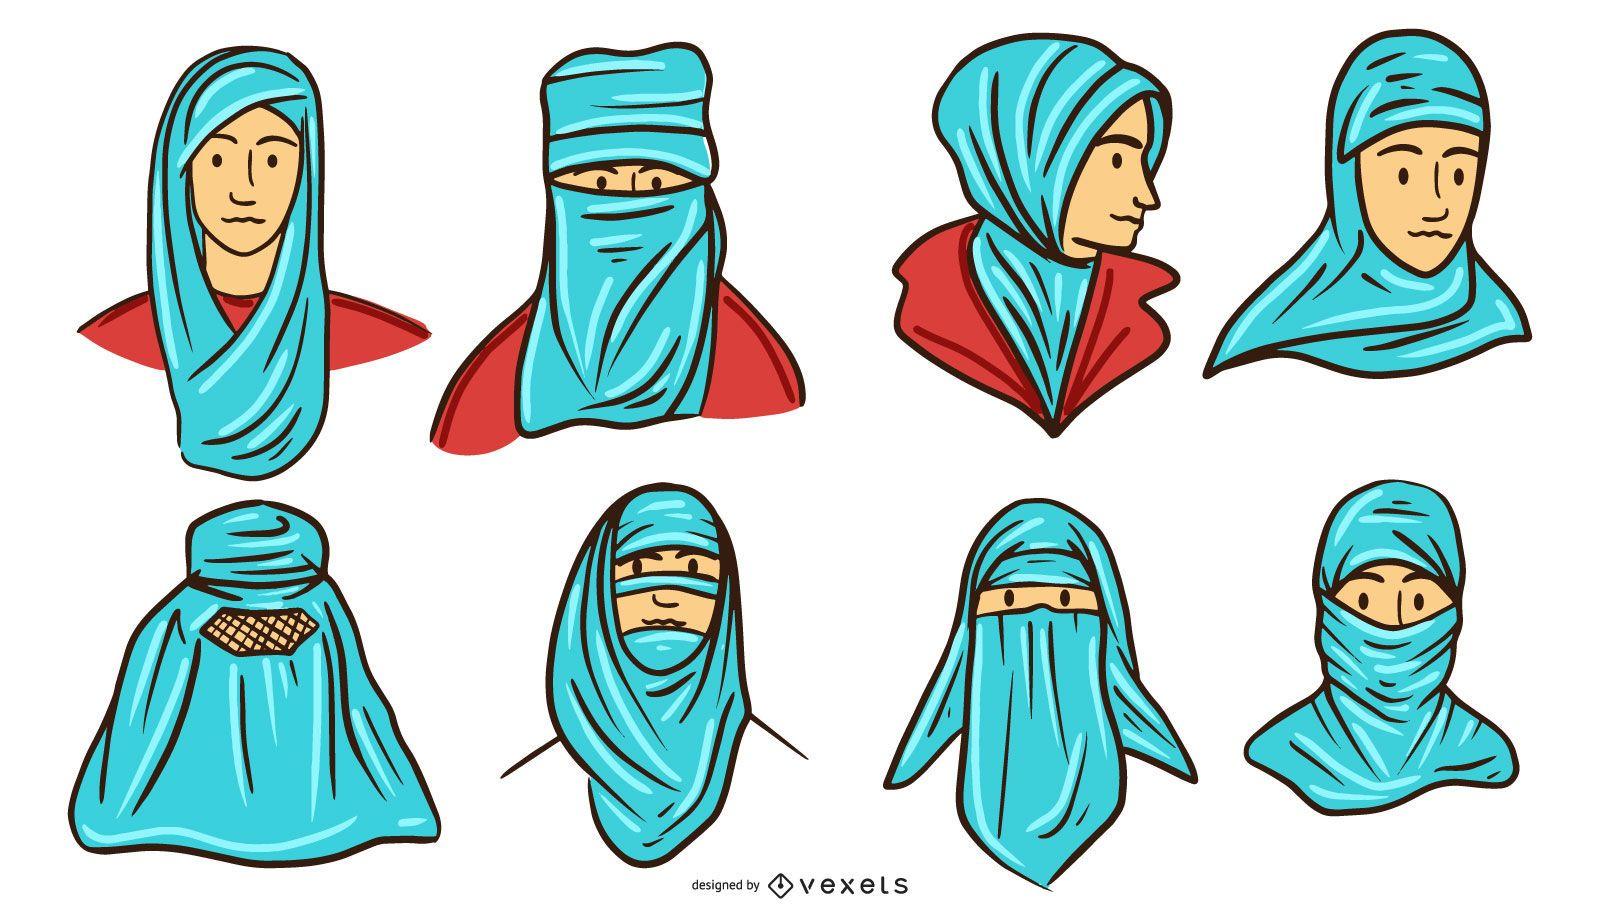 Arab People Teal Color Heads Pack